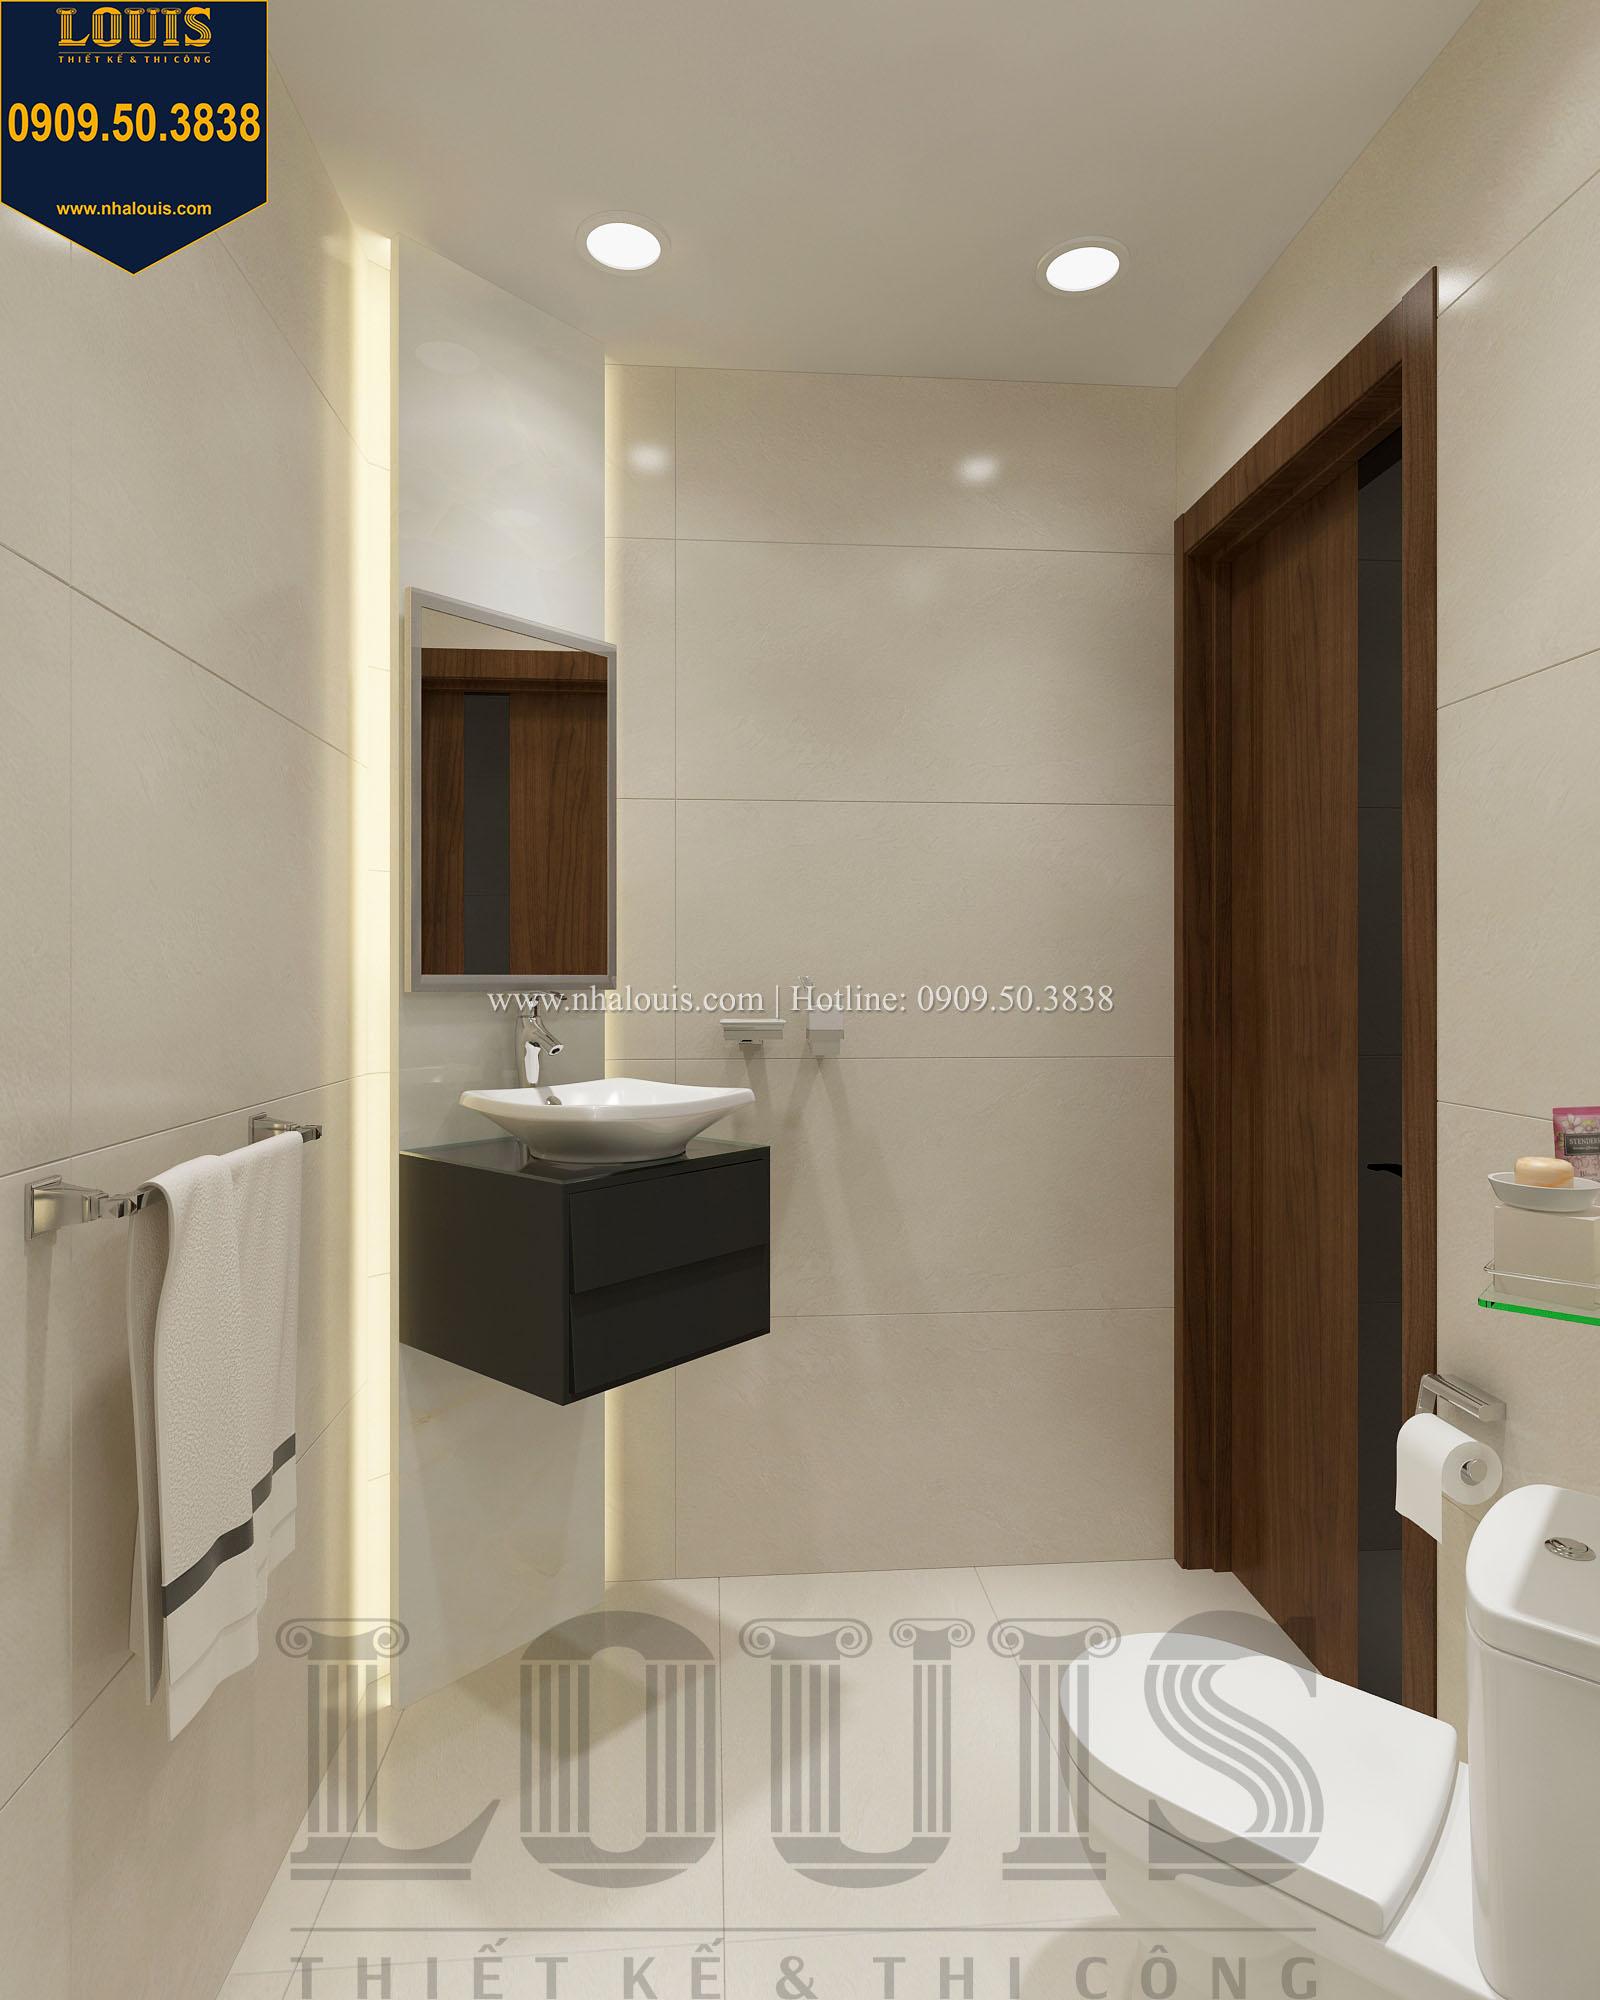 Toilet và WC